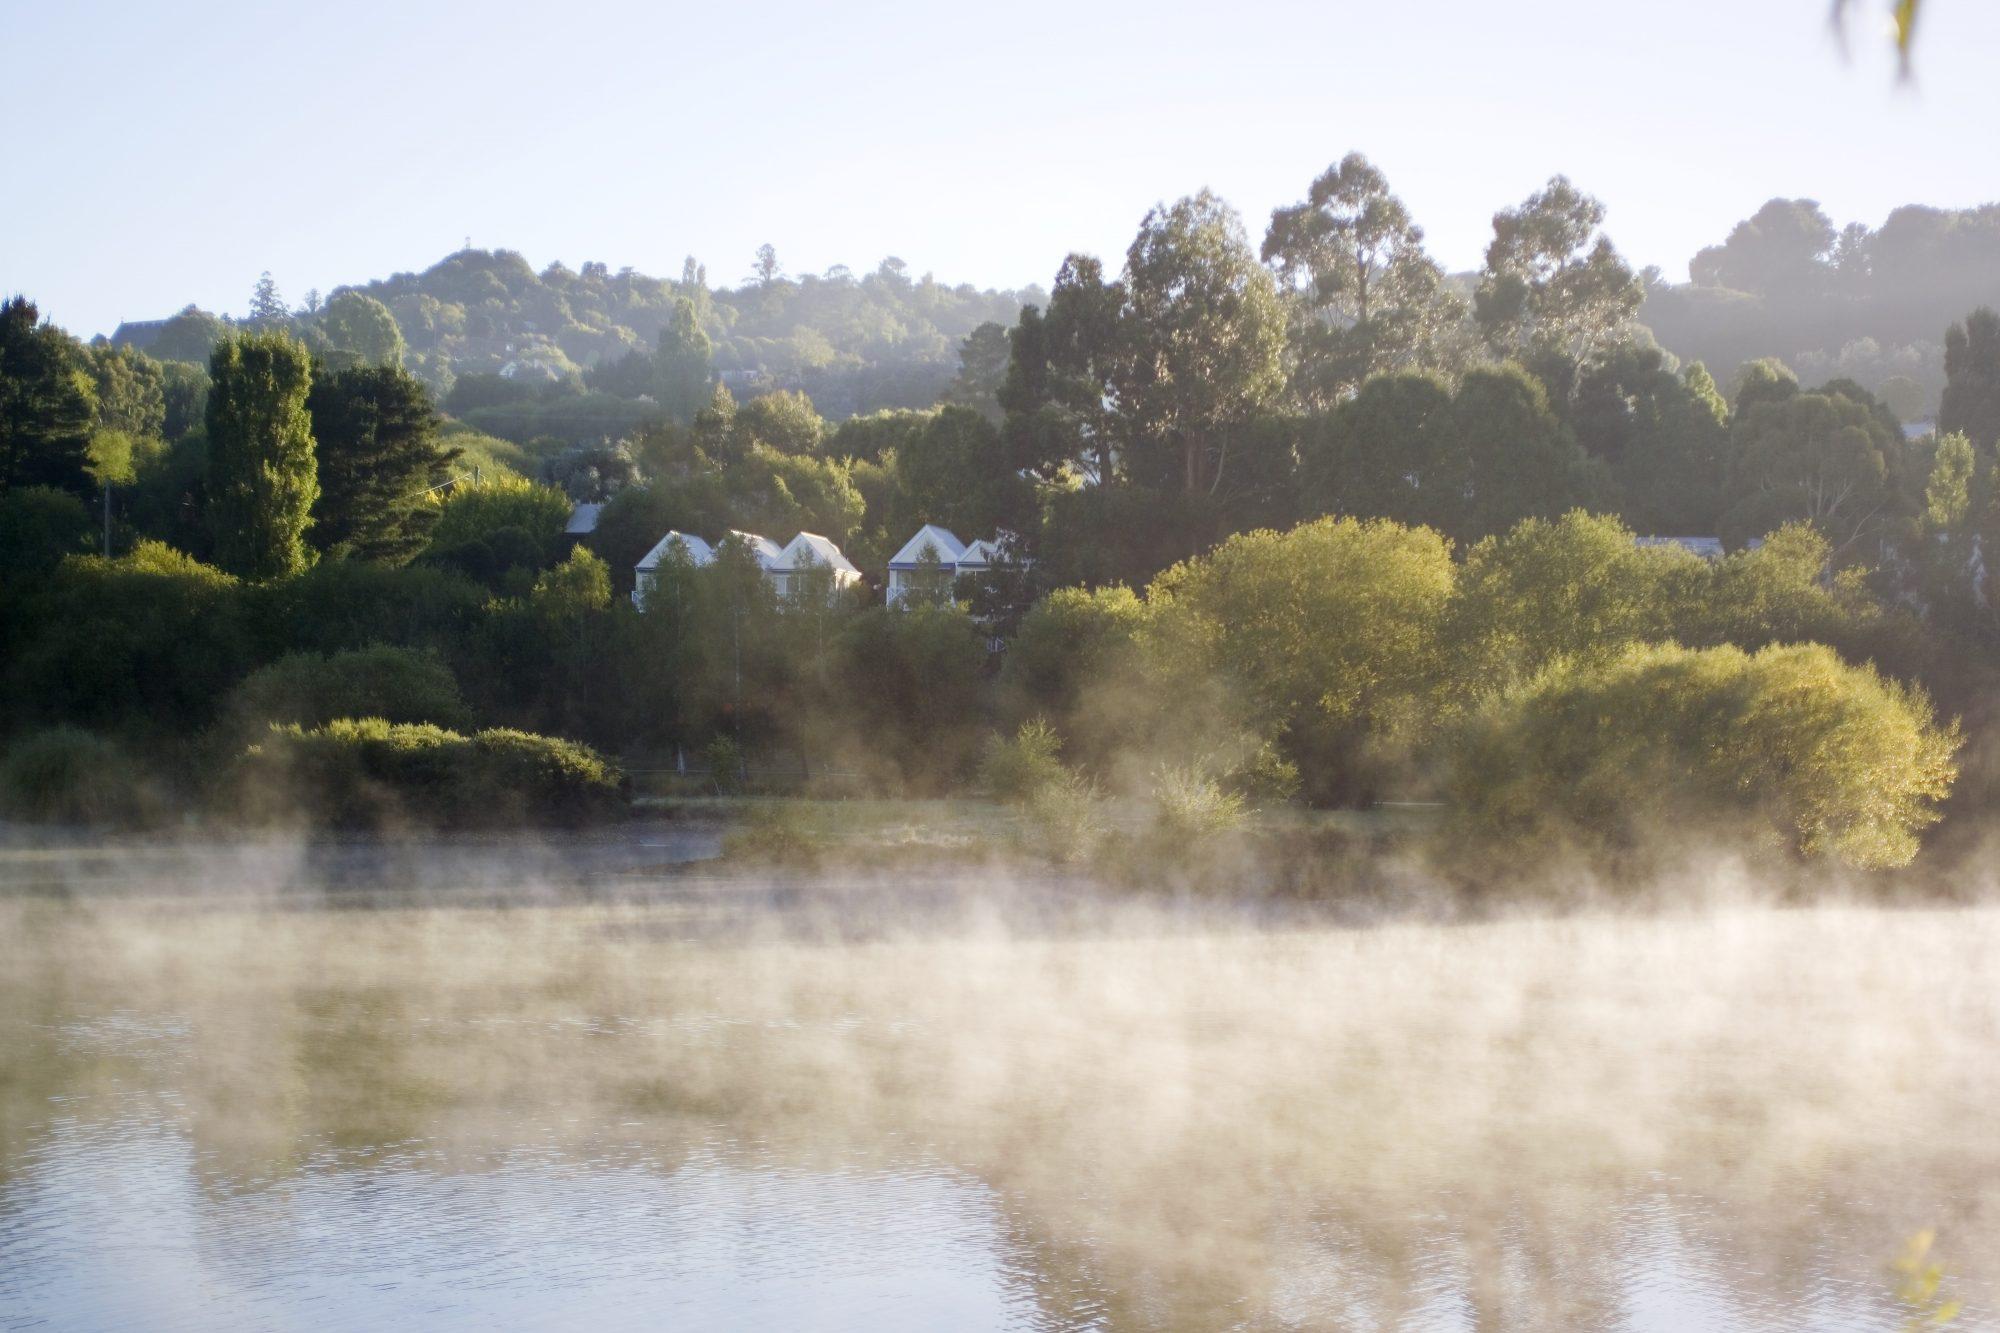 Lake House across the misty lake